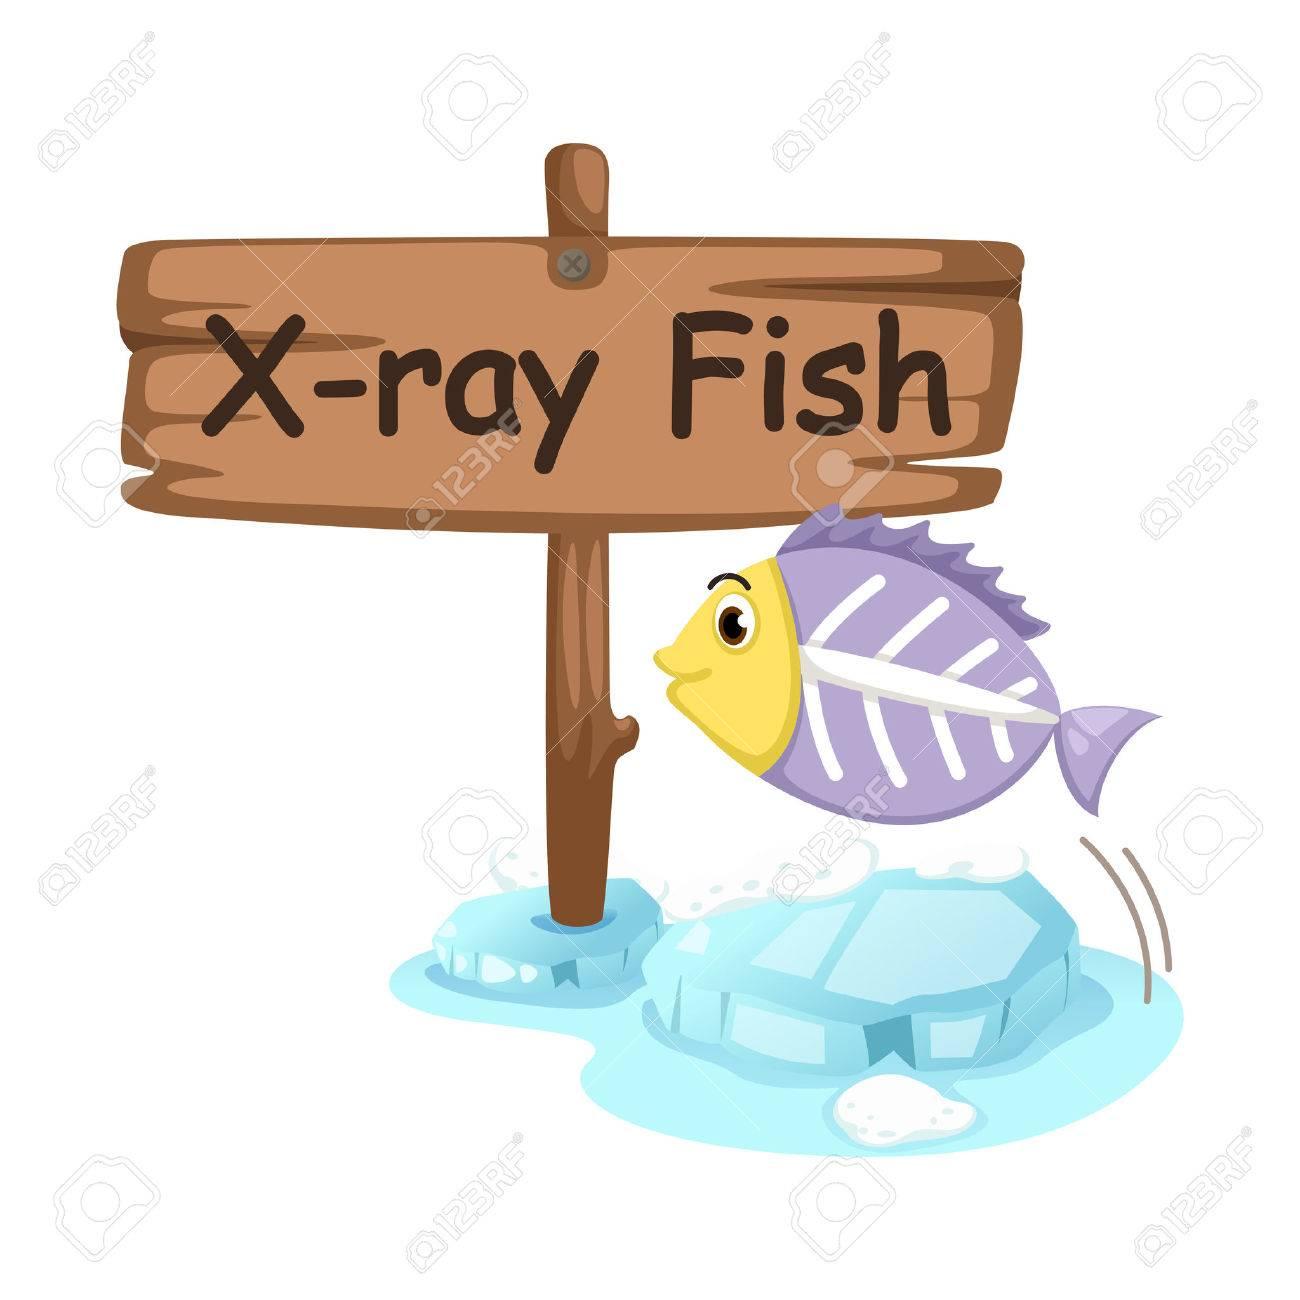 610 x ray cartoon cliparts stock vector and royalty free x ray